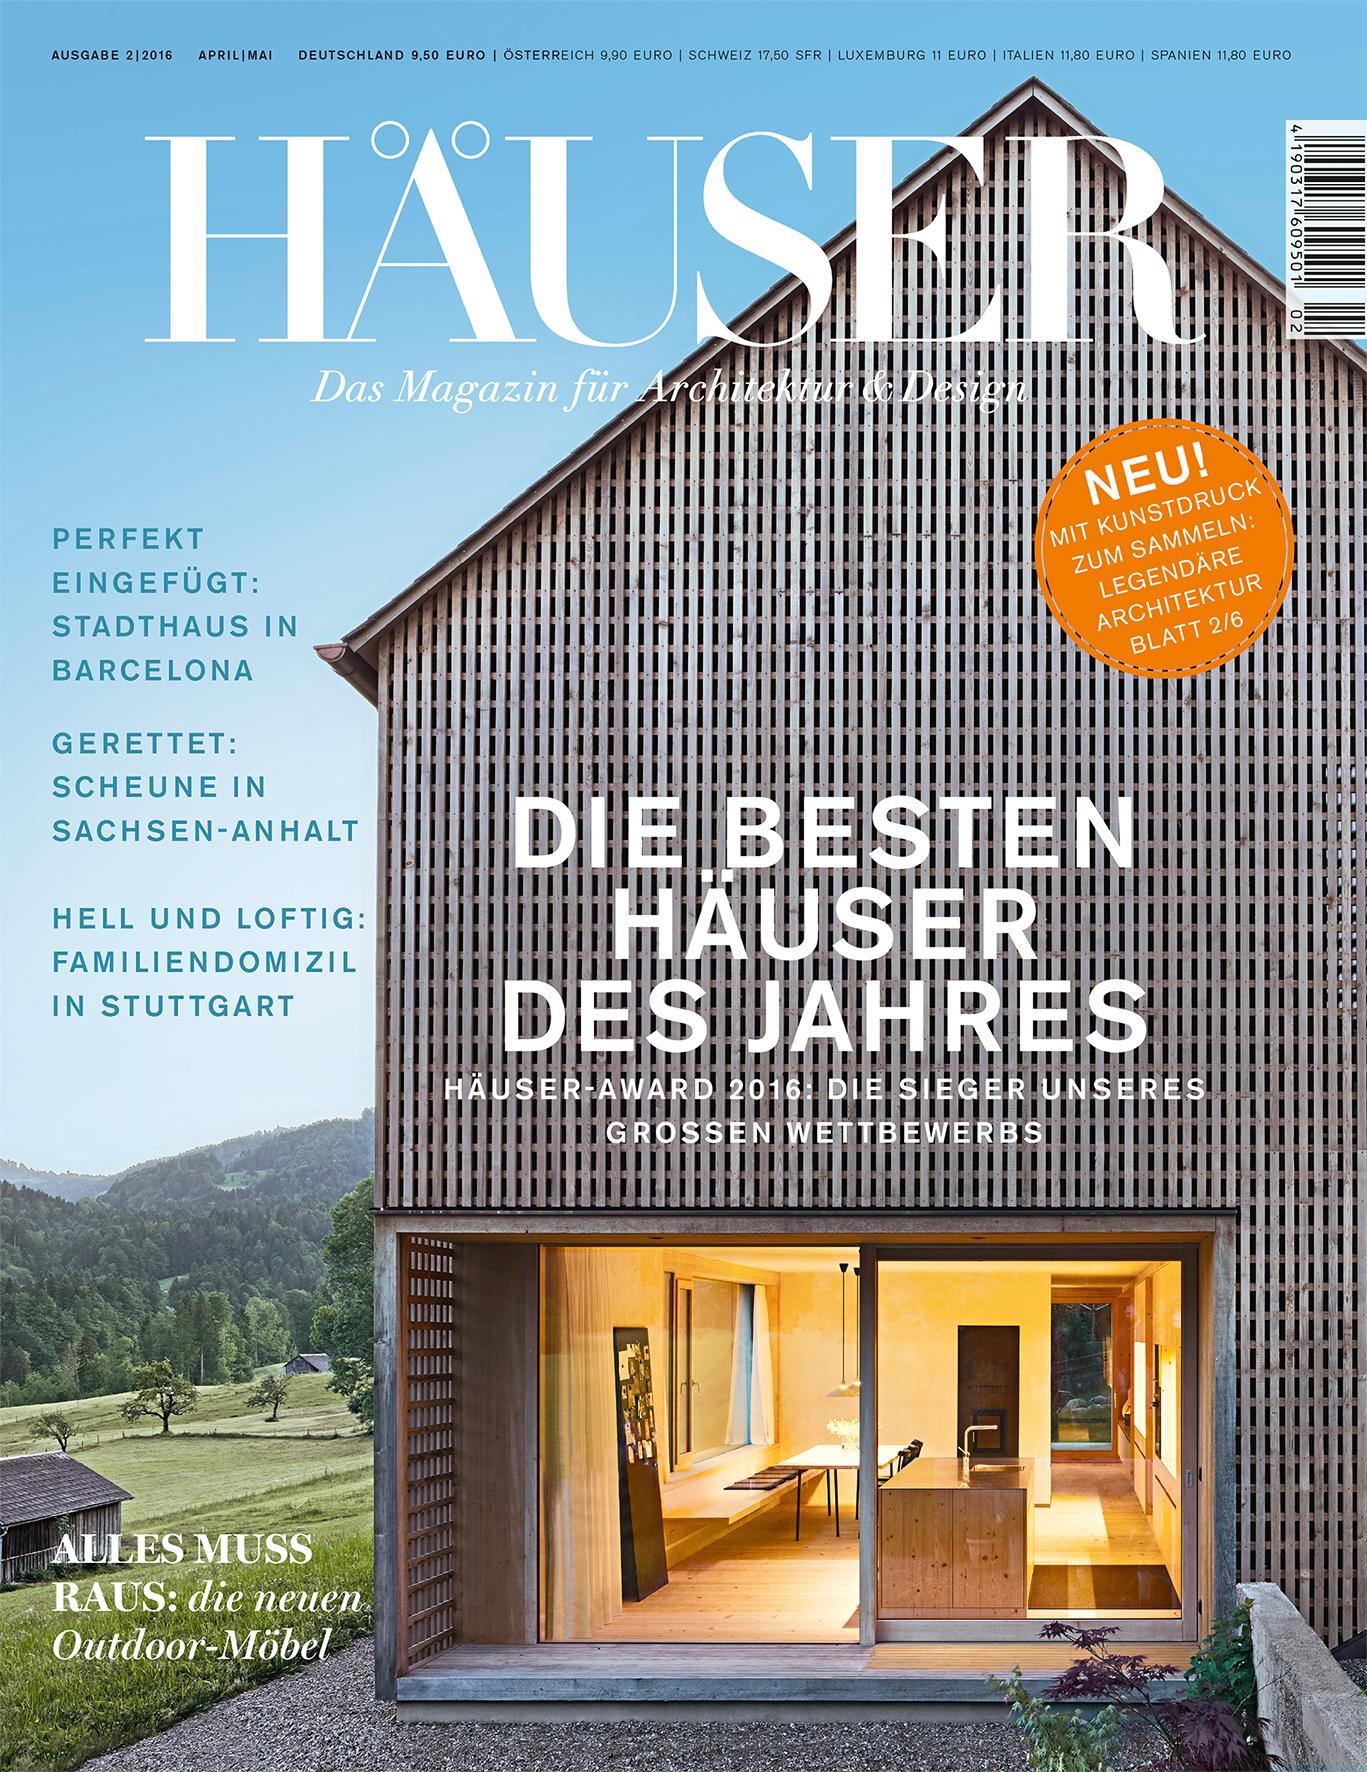 h user award 2016 die besten einfamilienh user europas die siegerobjekte stehen. Black Bedroom Furniture Sets. Home Design Ideas